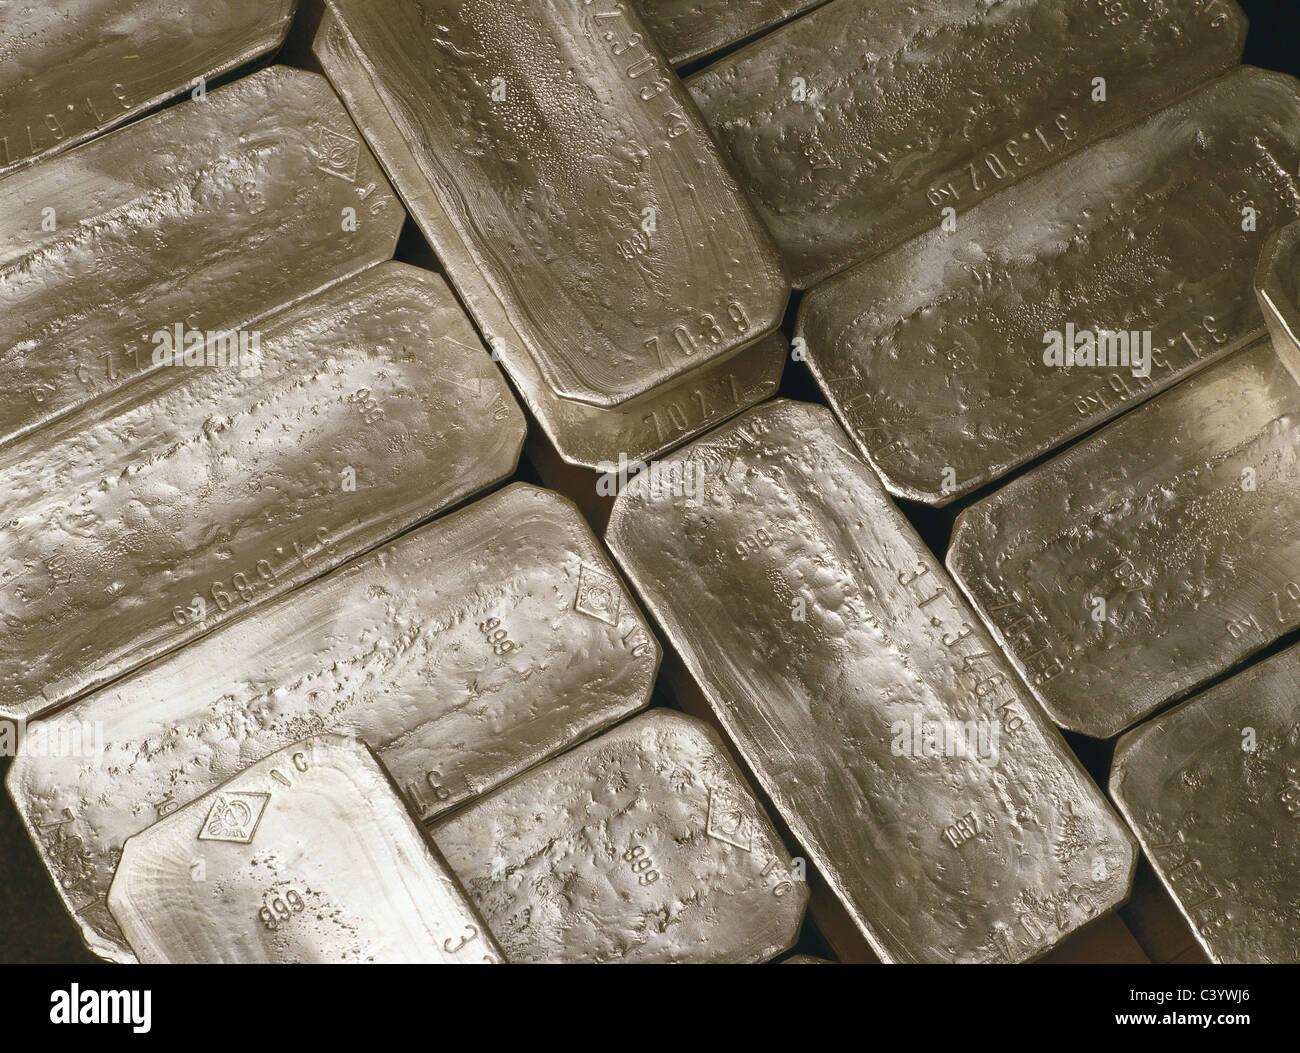 Bar, Element, Ingot, Kilogram, Metal, Precious Metal, Pure, Silver - Stock Image